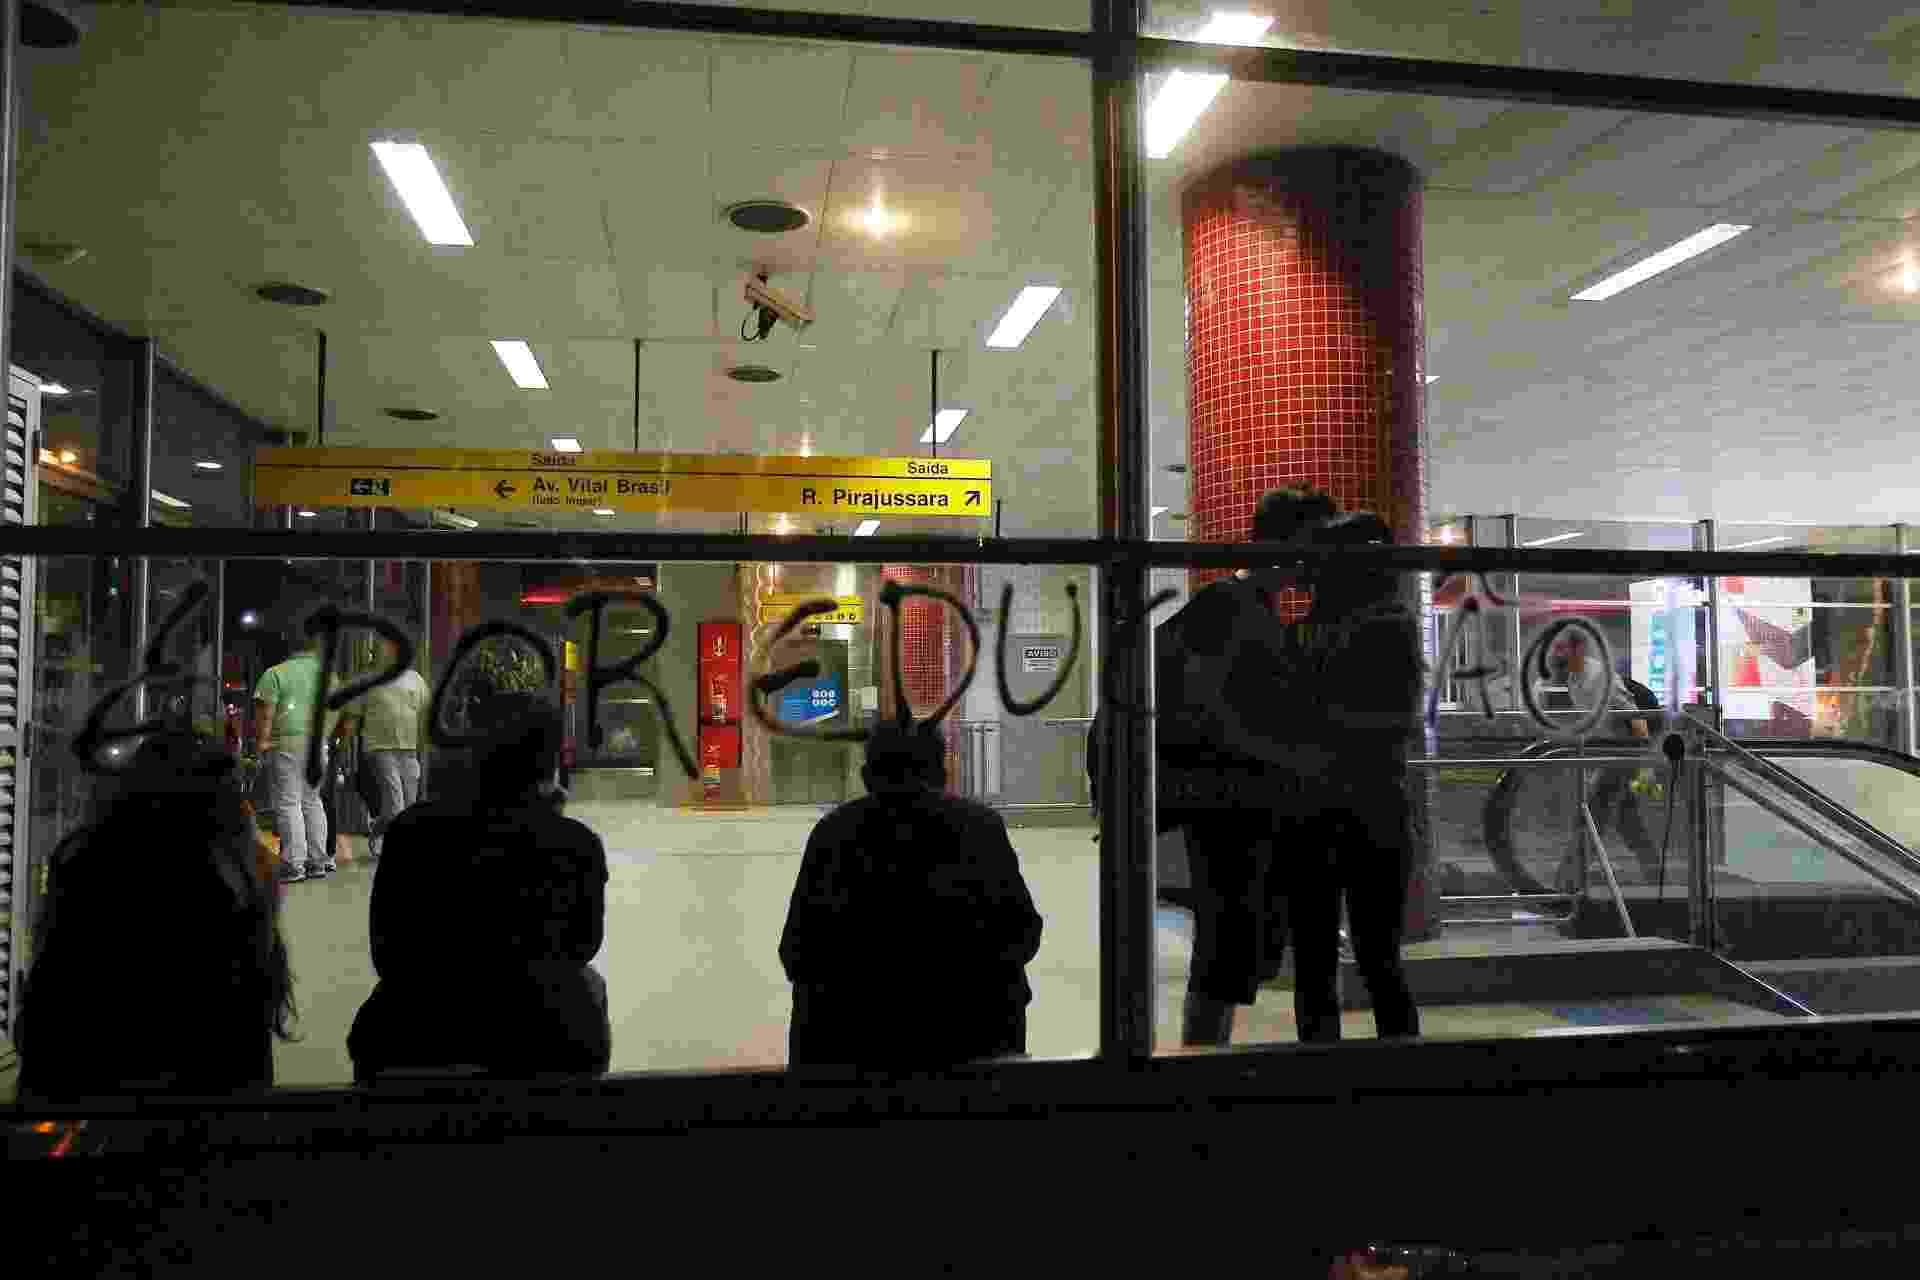 15.out.2013 - Vidros da estação Butantã, na zona oeste de São Paulo, foram pichados durante protesto contra a política educacional do governo de Geraldo Alckmin, nesta terça-feira (15), Dia dos Professores. Até as 22h, 56 pessoas haviam sido detidas. A estimativa da PM é que cerca de 400 manifestantes participaram do protesto, que começou no largo da Batata, em Pinheiros - Reinaldo Canato/UOL